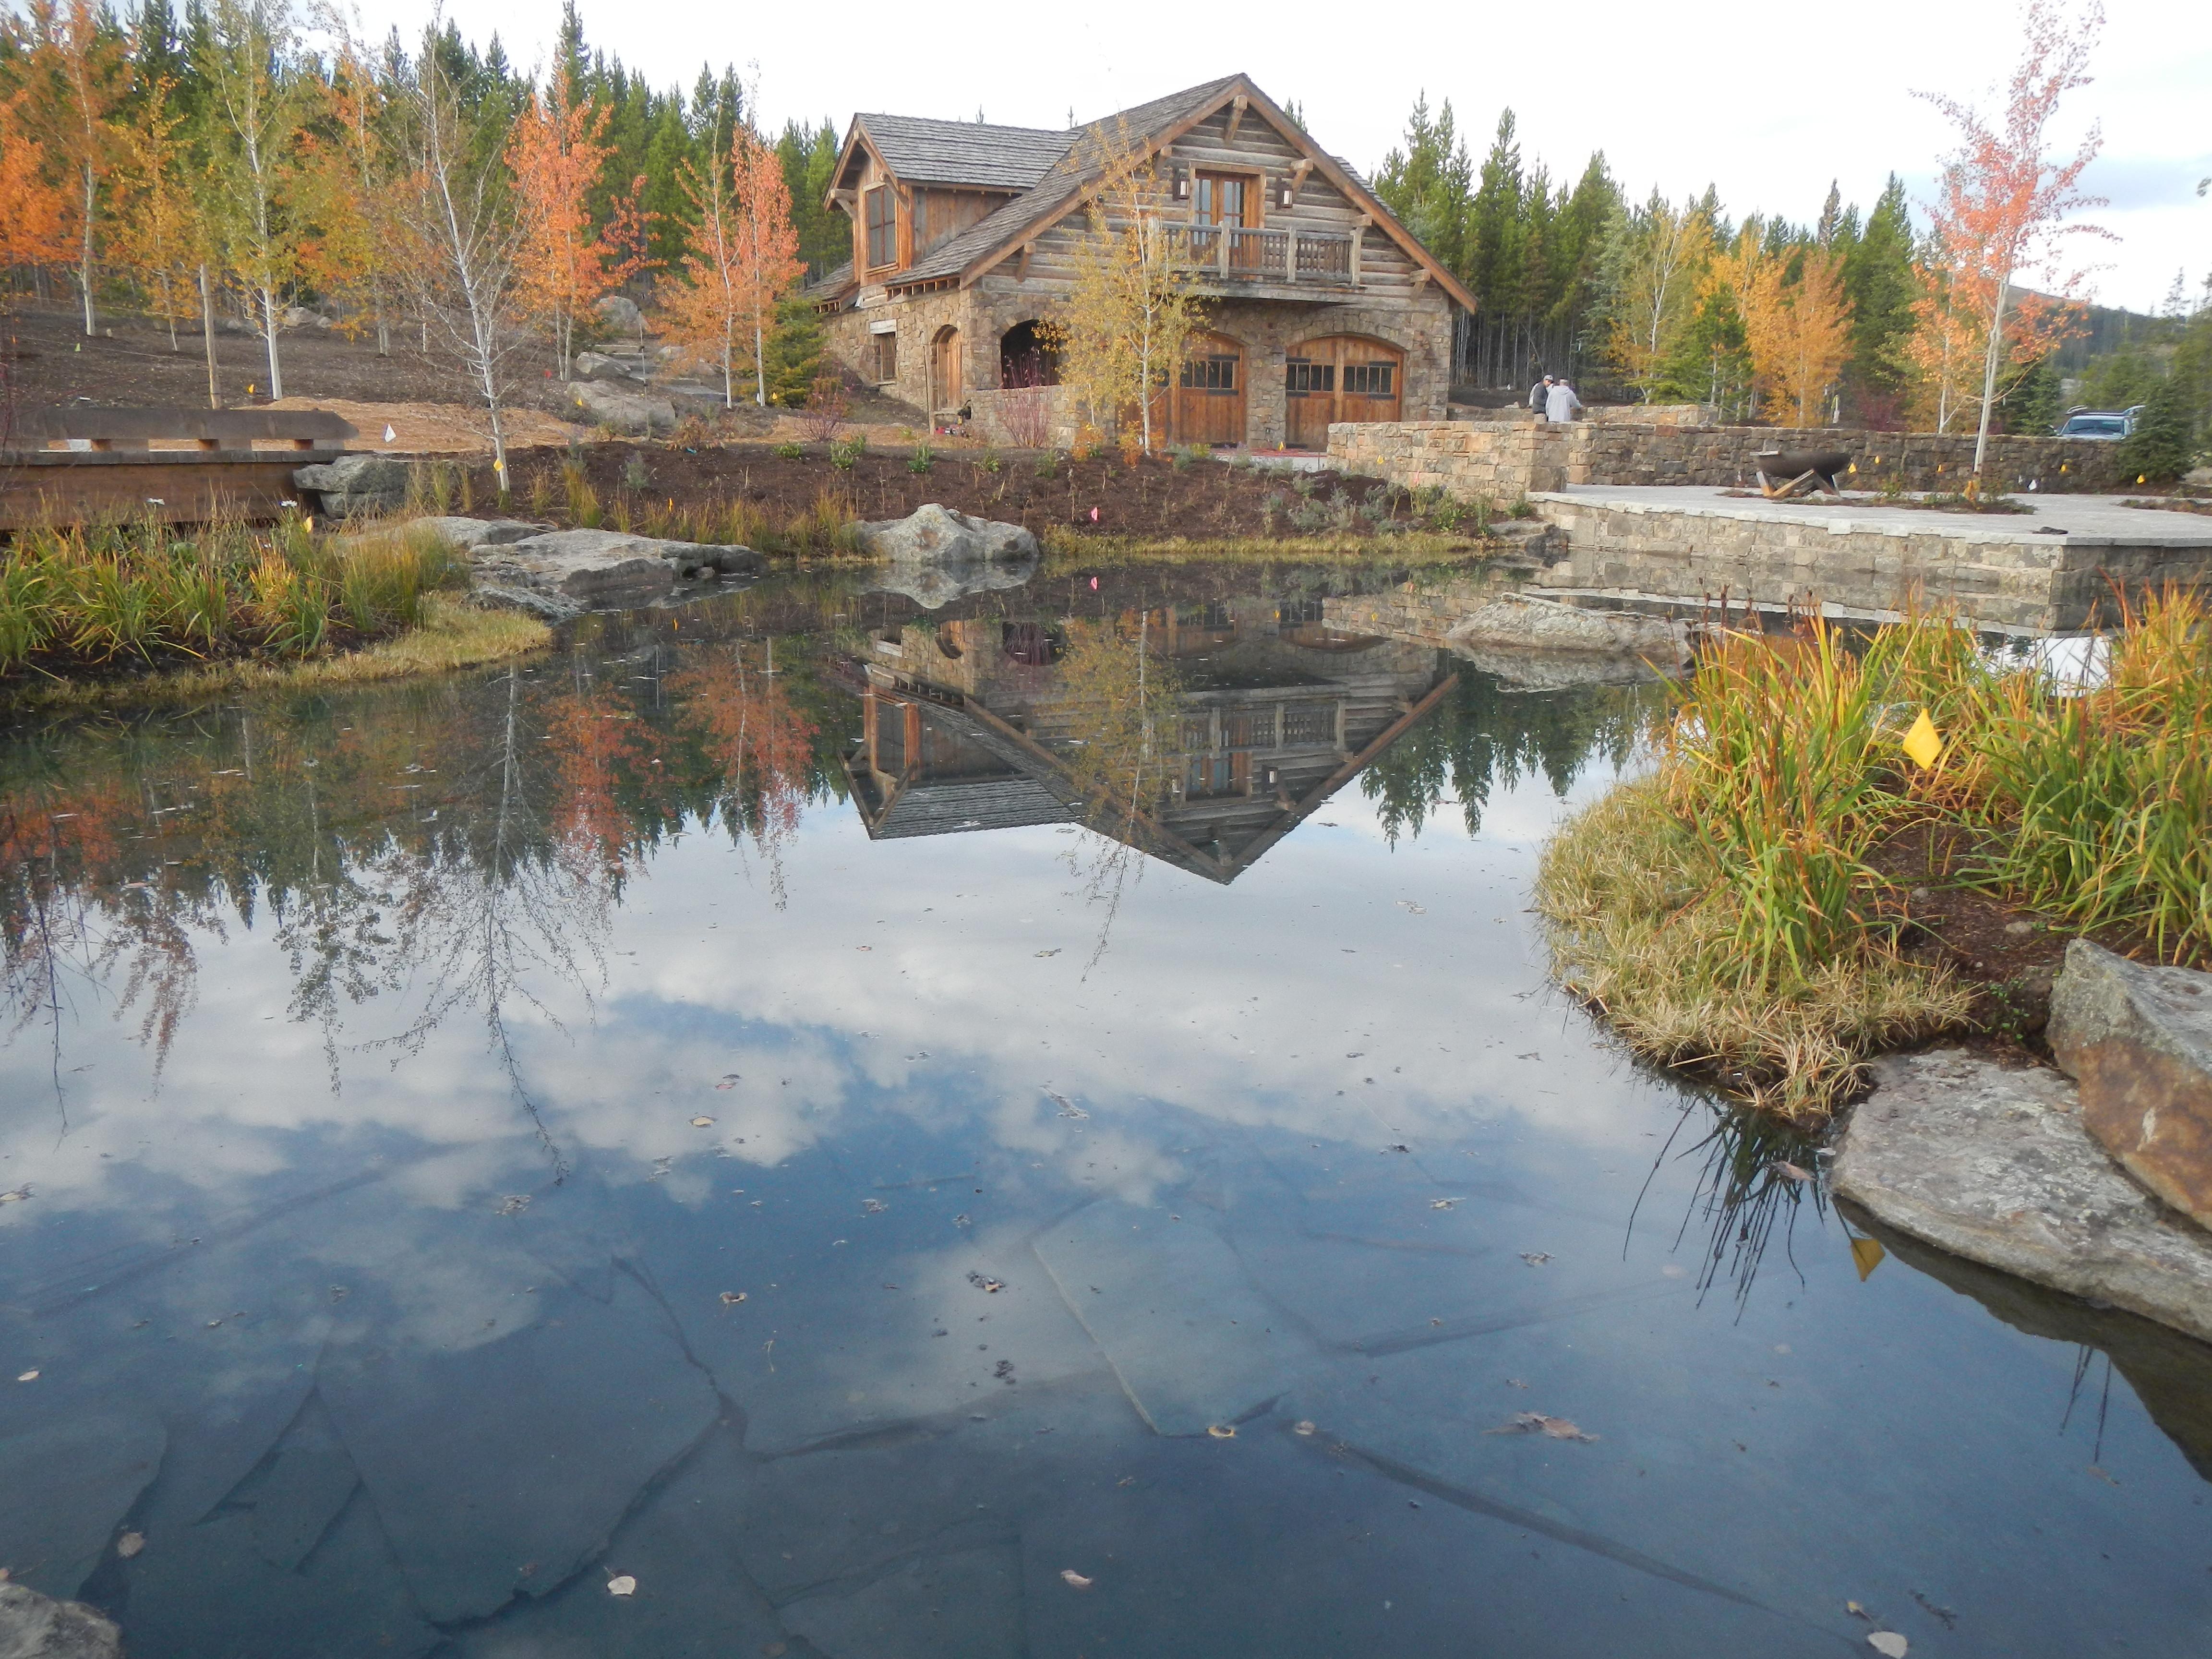 Reflecting pool with vegitation